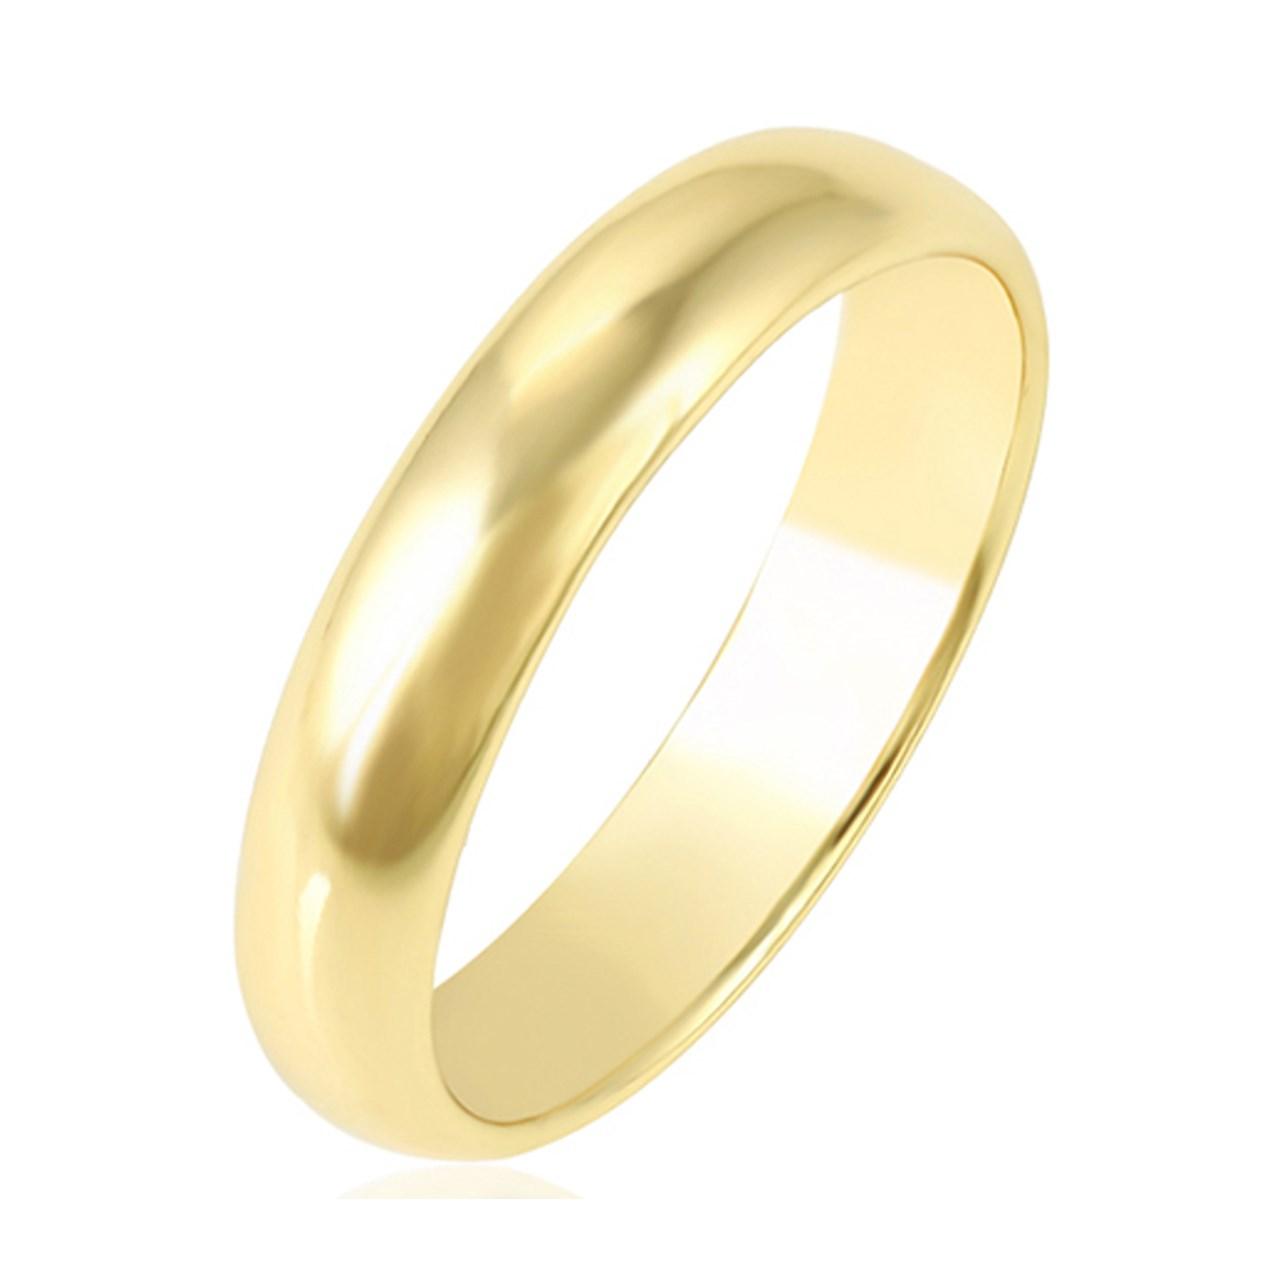 قیمت انگشتر آی جواهر طرح رینگ ساده کد 11391R